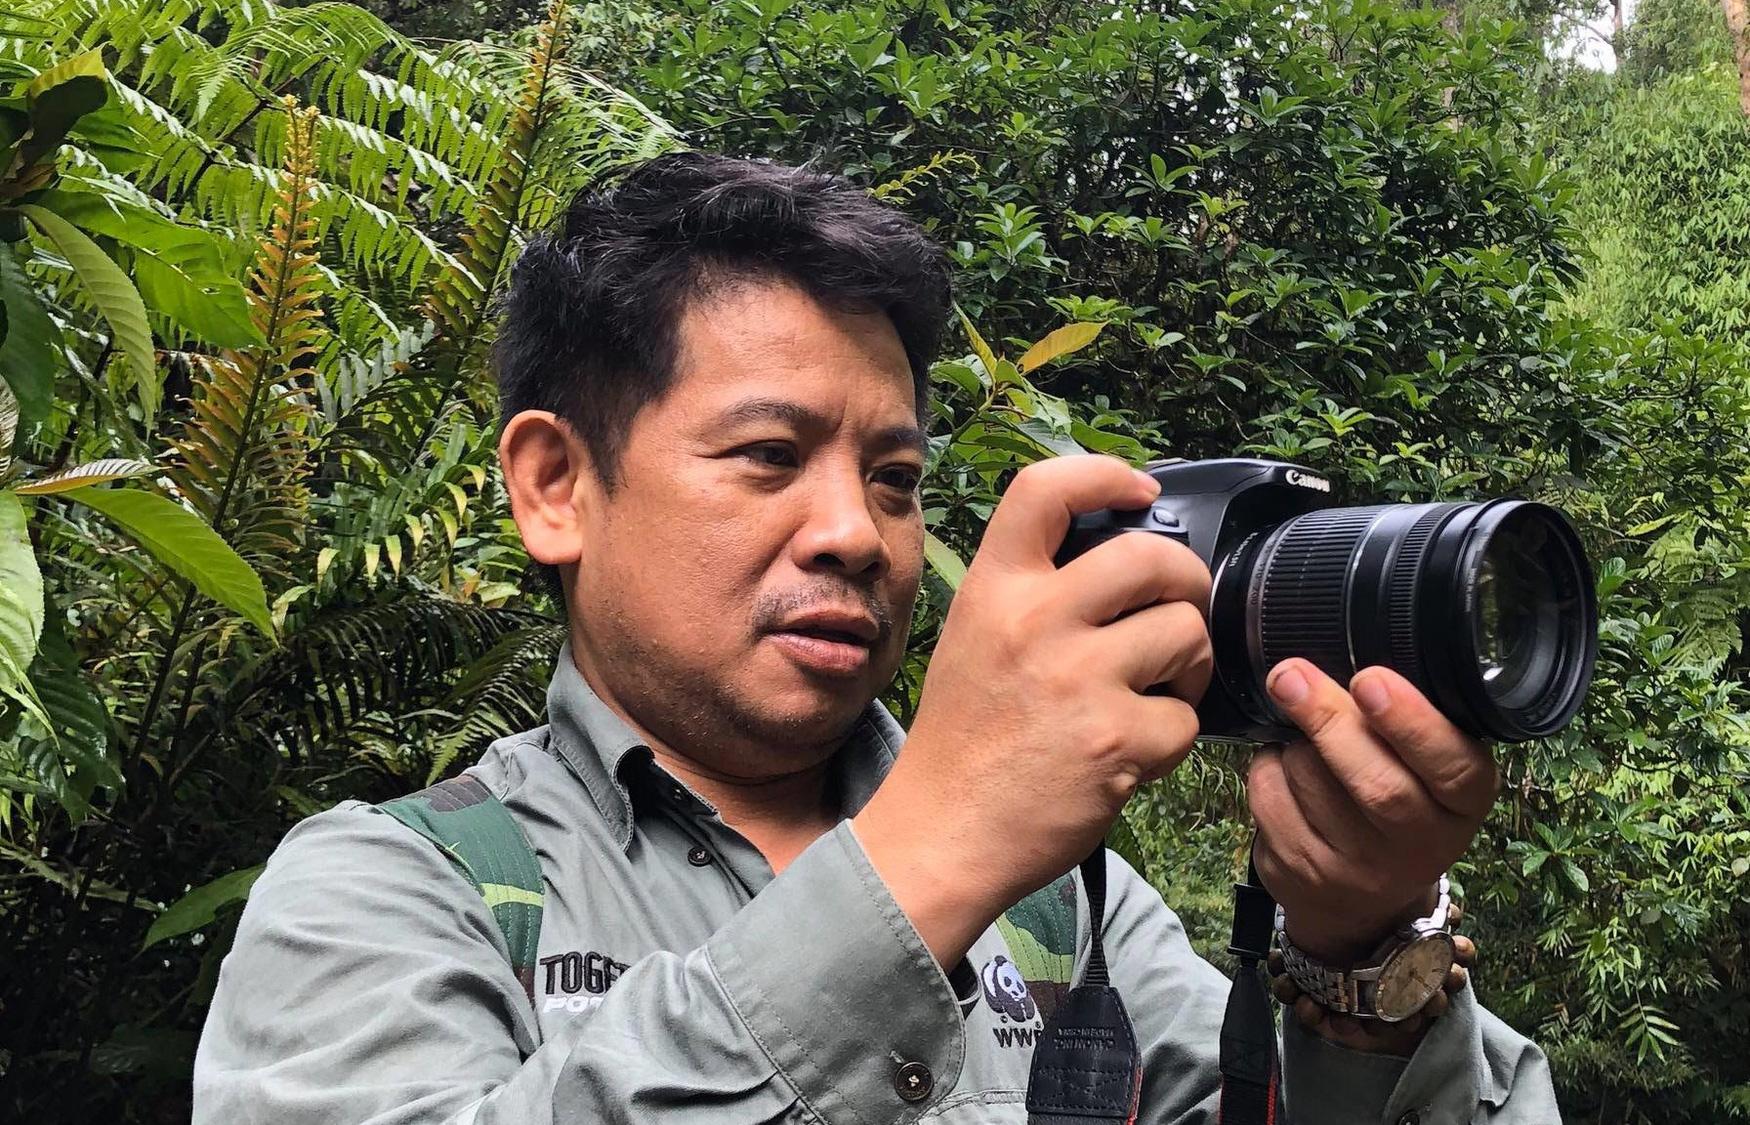 Tái sinh 150ha rừng ngập mặn tại Vườn Quốc gia Mũi Cà Mau - Ảnh 4.